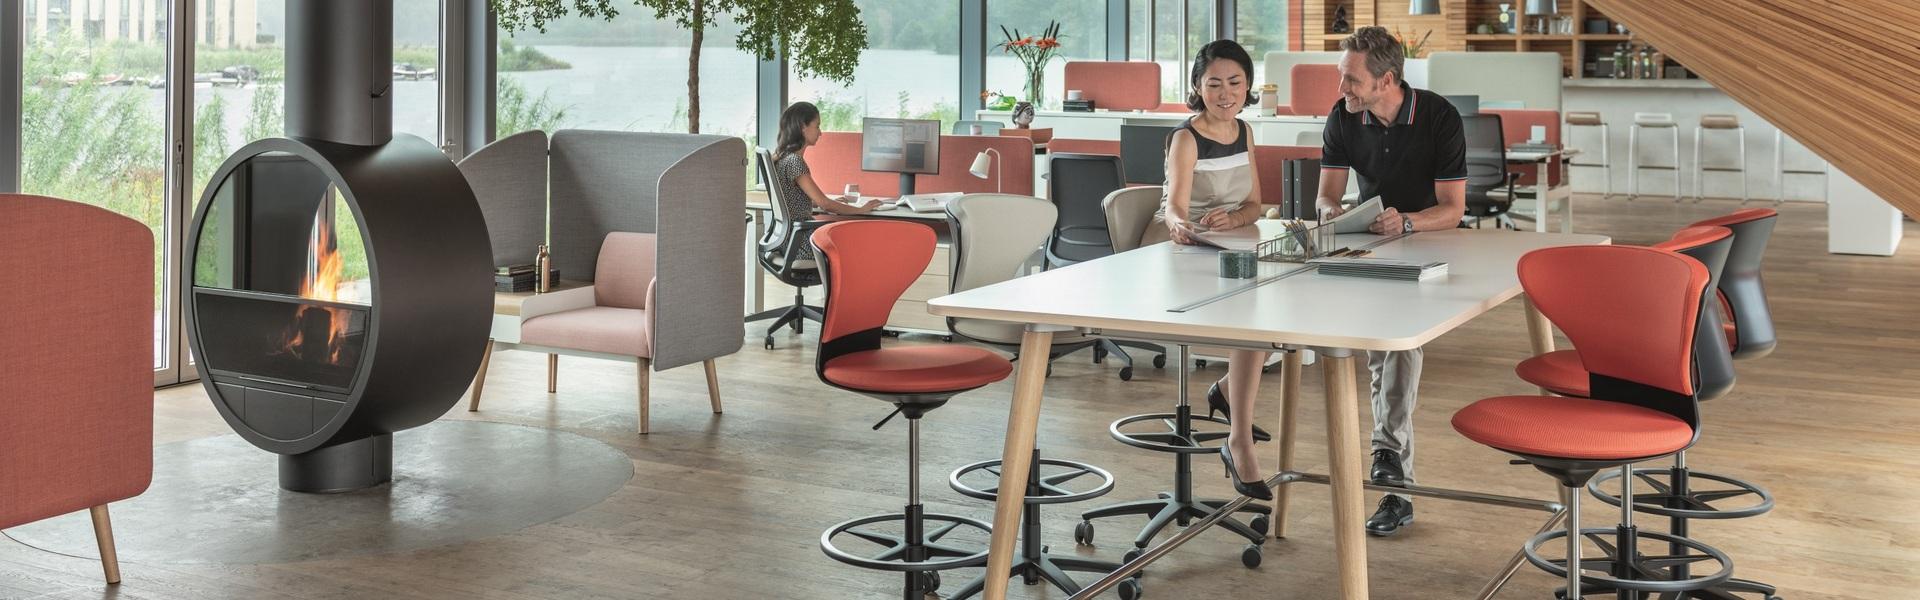 Inspirerende kantoorinrichting met verschillende zitelementen